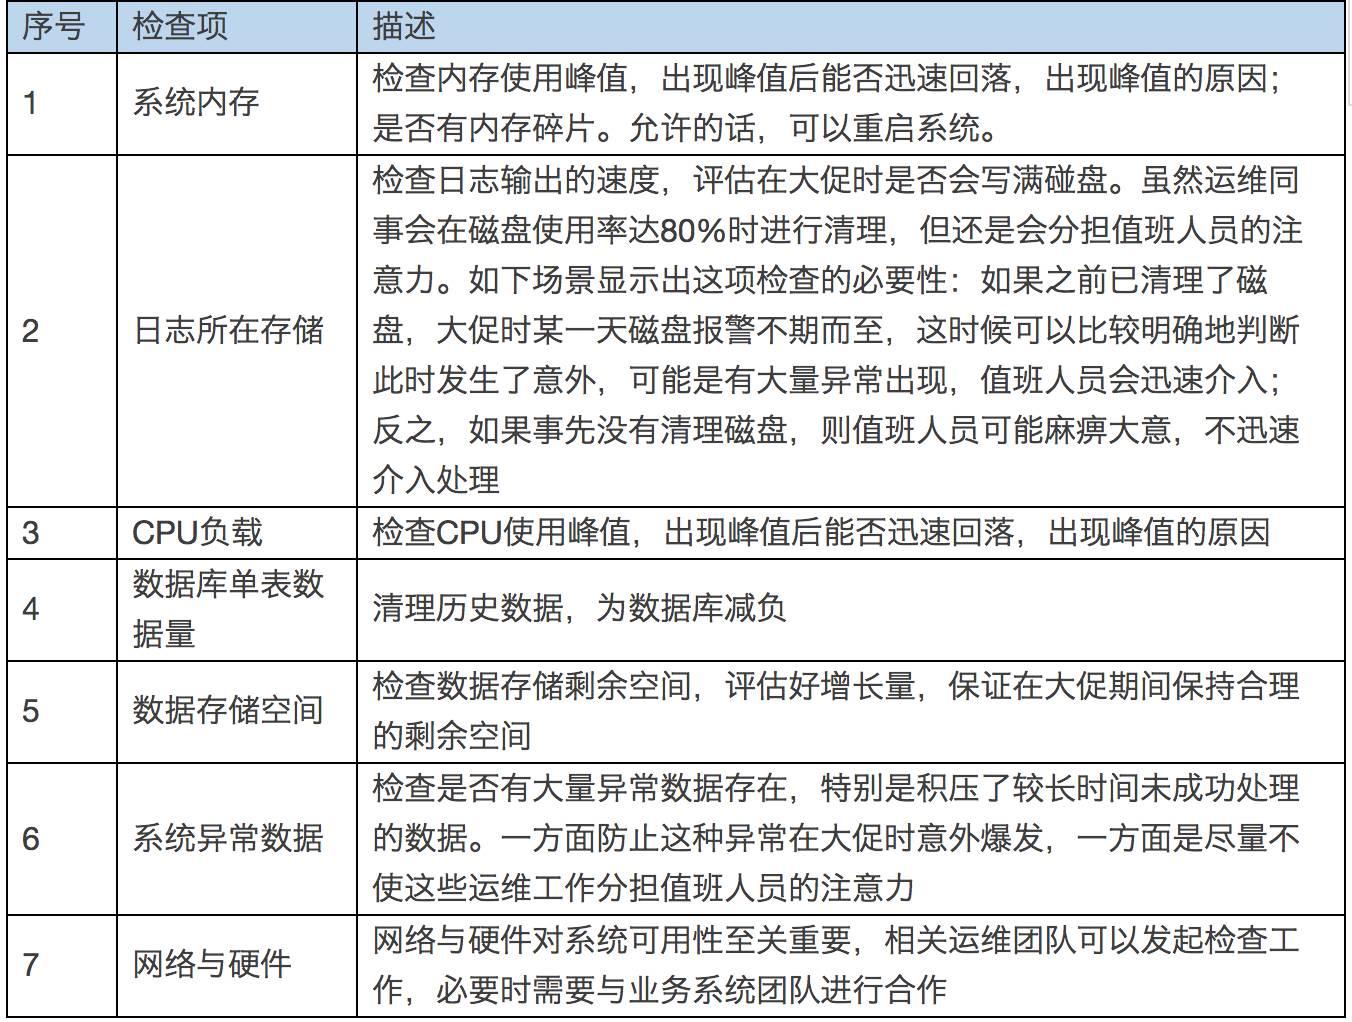 京东大促备战思路2.0大揭秘插图(9)